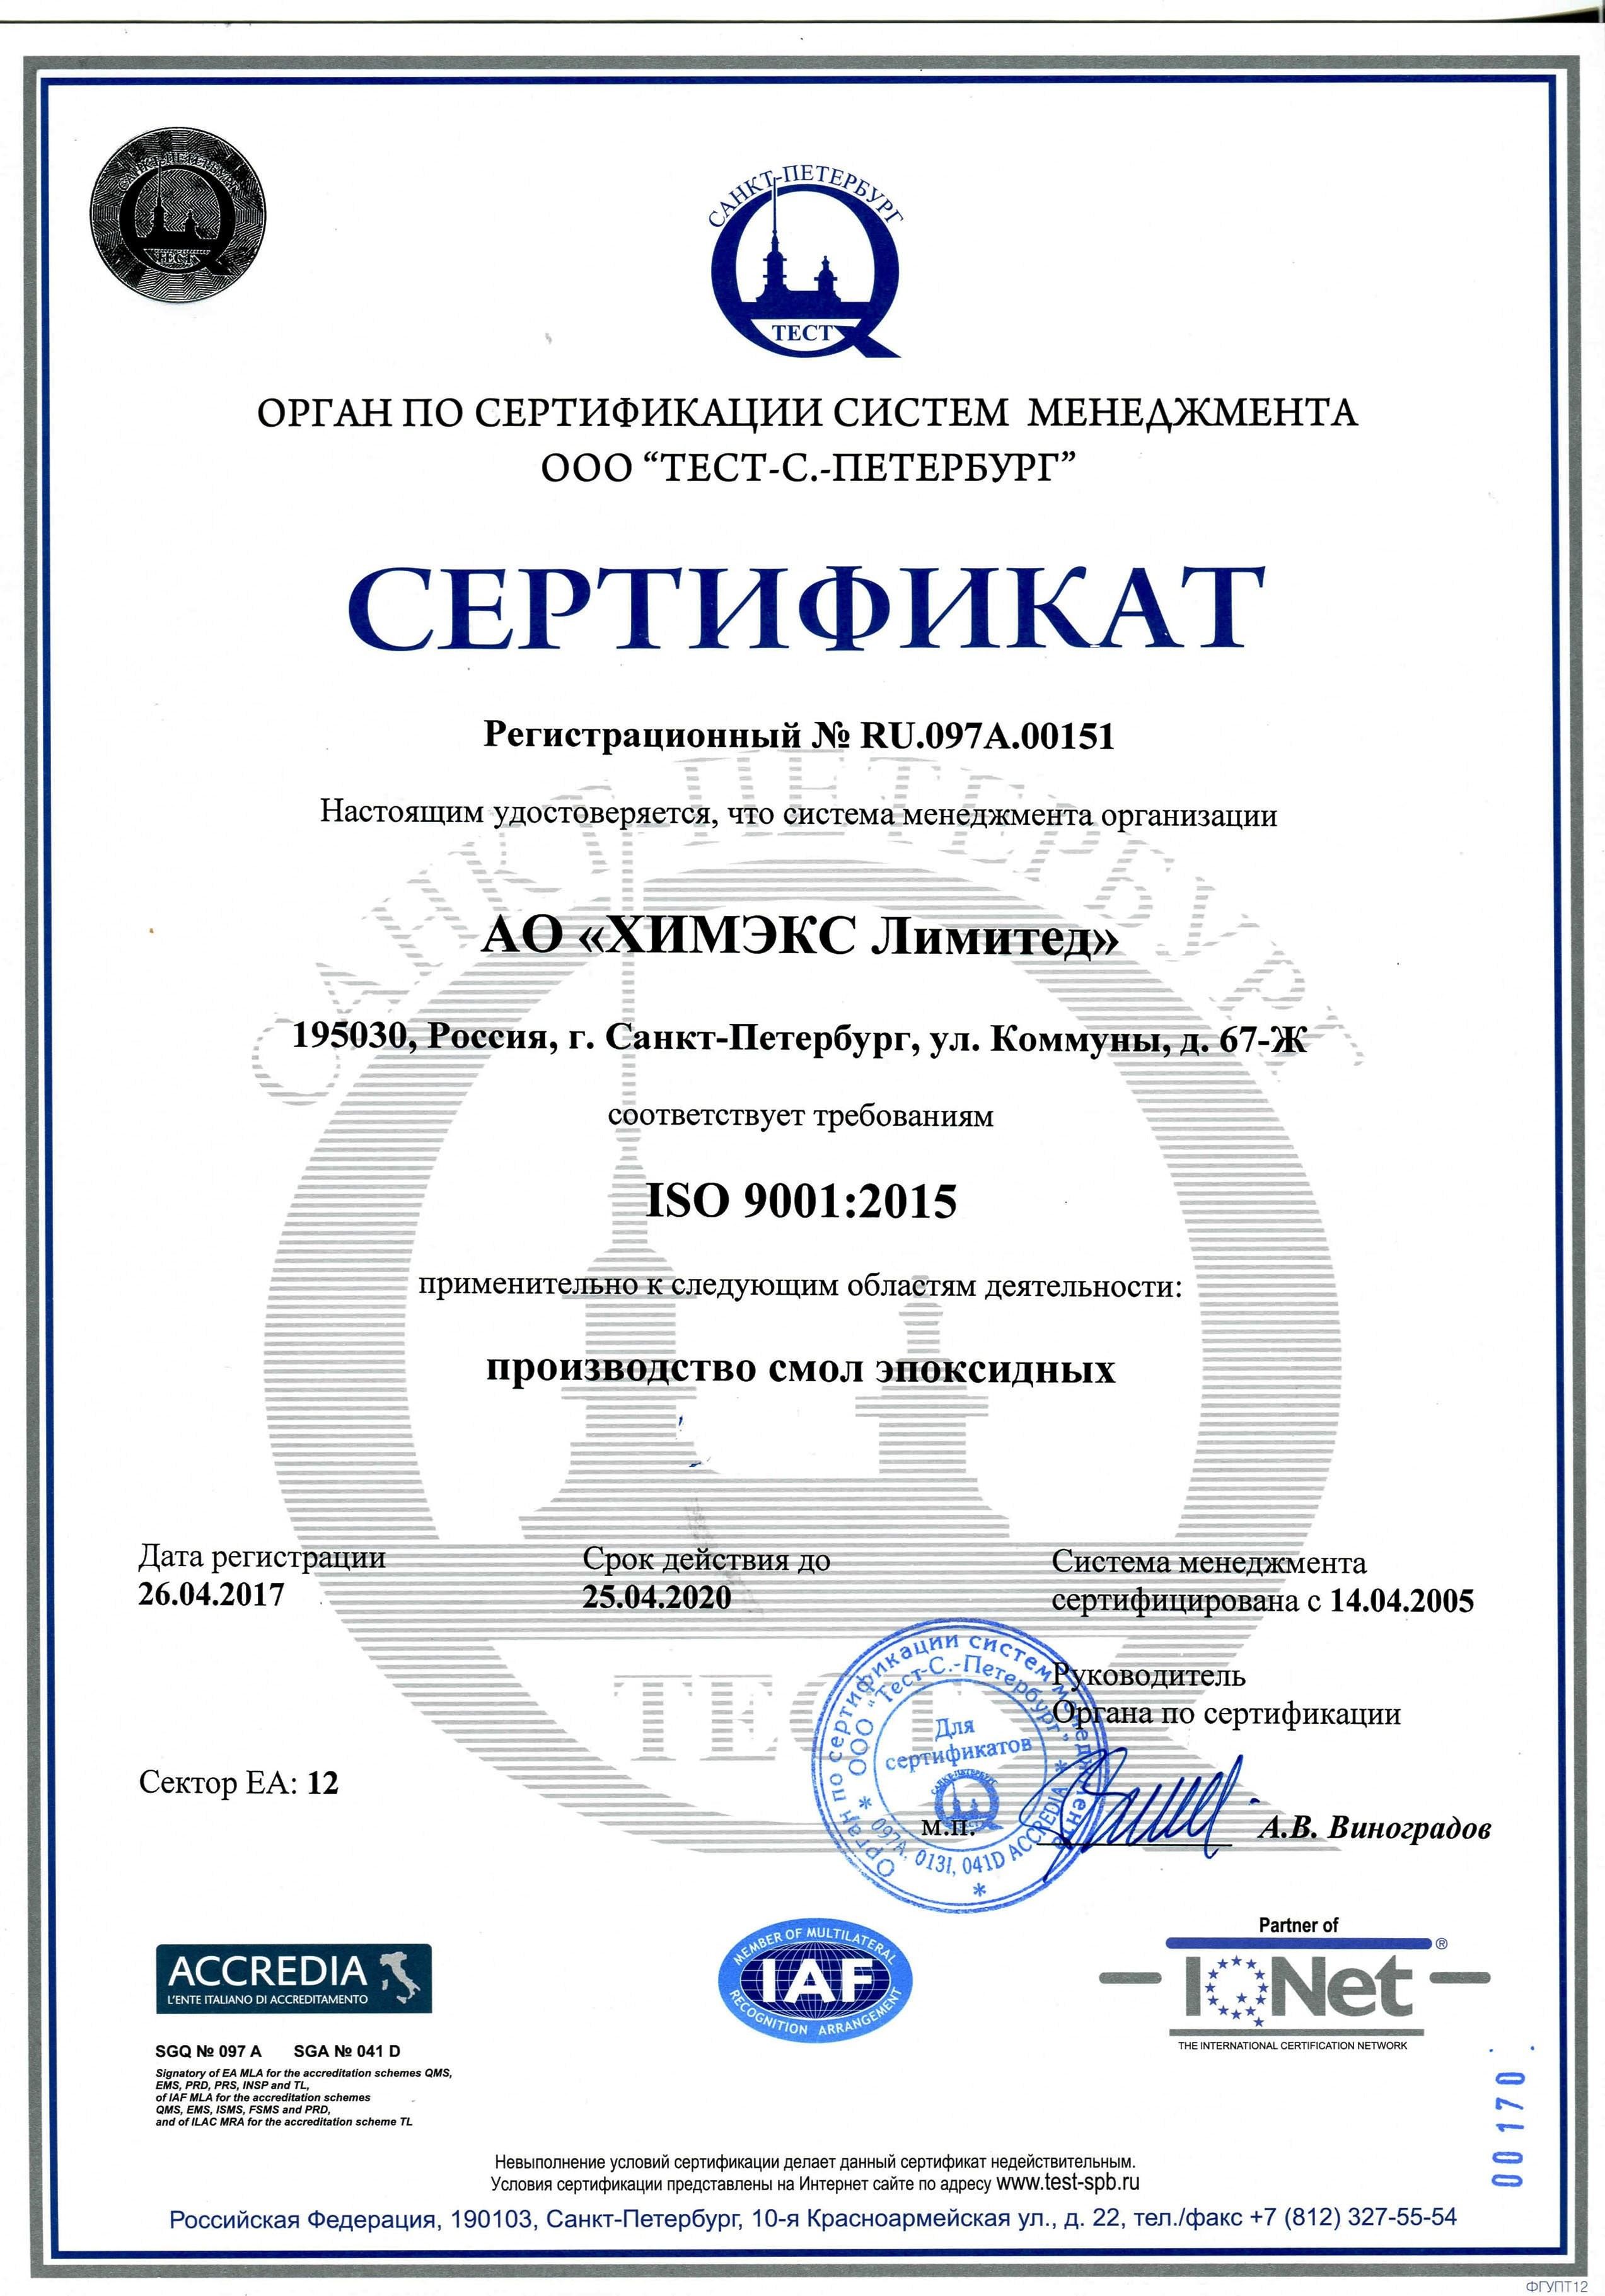 Химэкс Лимитед: На предприятии налажен серийный выпуск широкой гаммы изделий. Кроме того, компания поставляет в Россию химическую продукцию и ряда своих партнеров из числа зарубежных химических компаний.